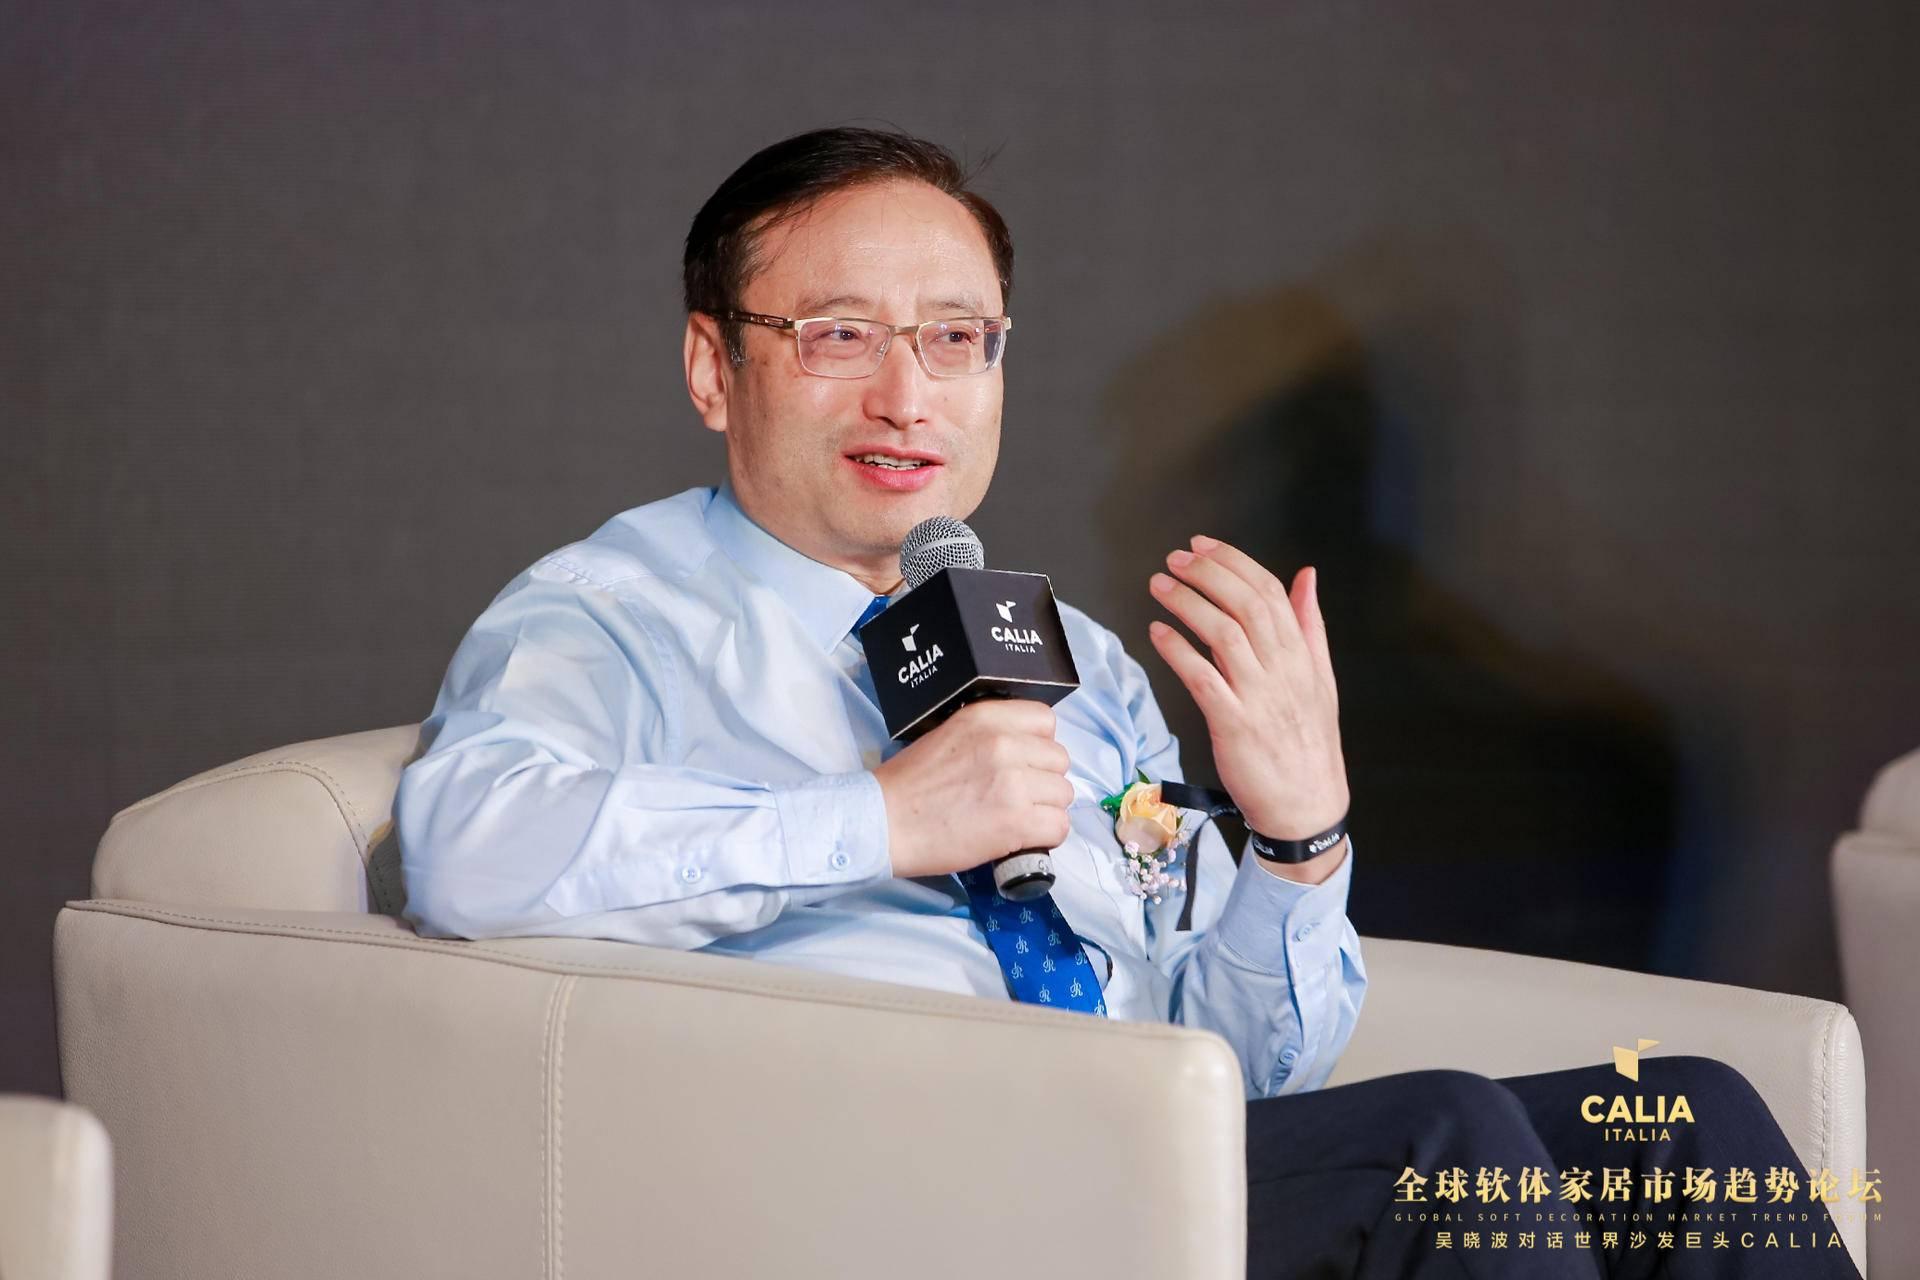 吴晓波对话世界沙发巨头CALIA,未来消费将为设计买单